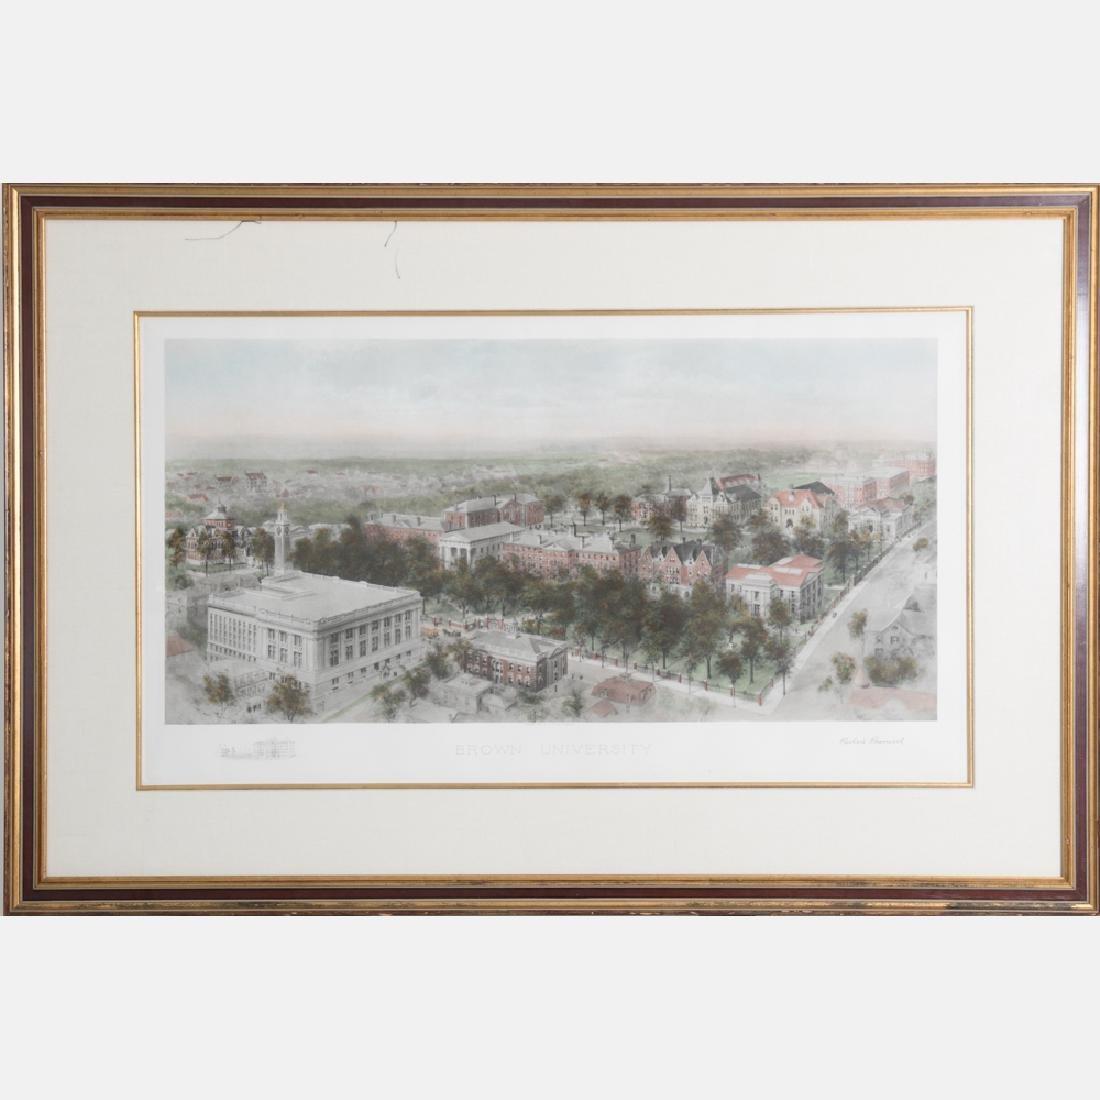 Richard Rummell (1848-1924) Brown University, Hand